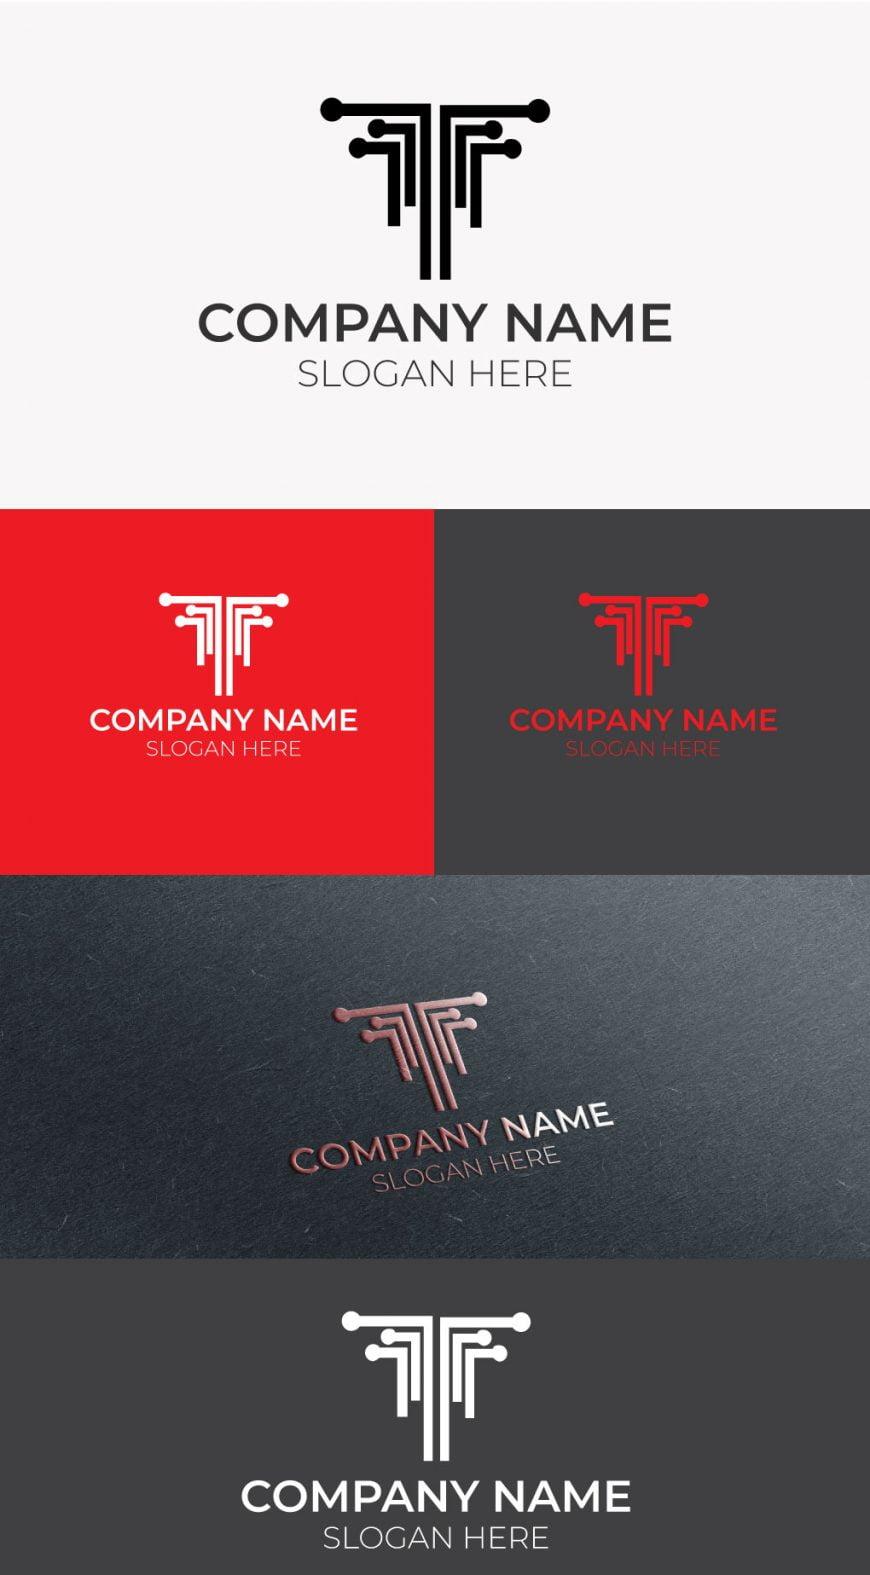 T-tech-logo-template